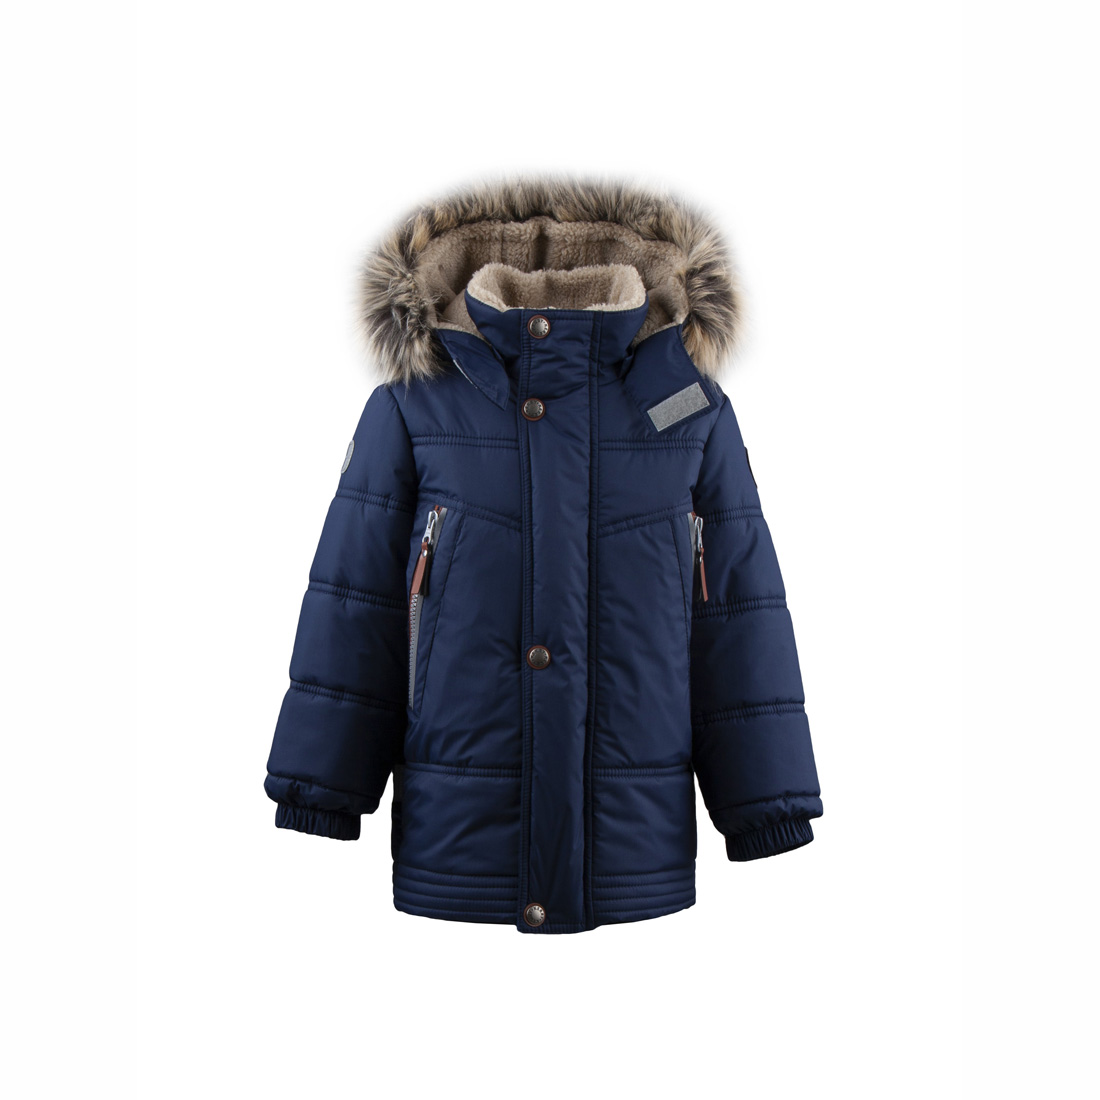 Купить Куртка для мальчиков KERRY TOM K19438, размер 104,